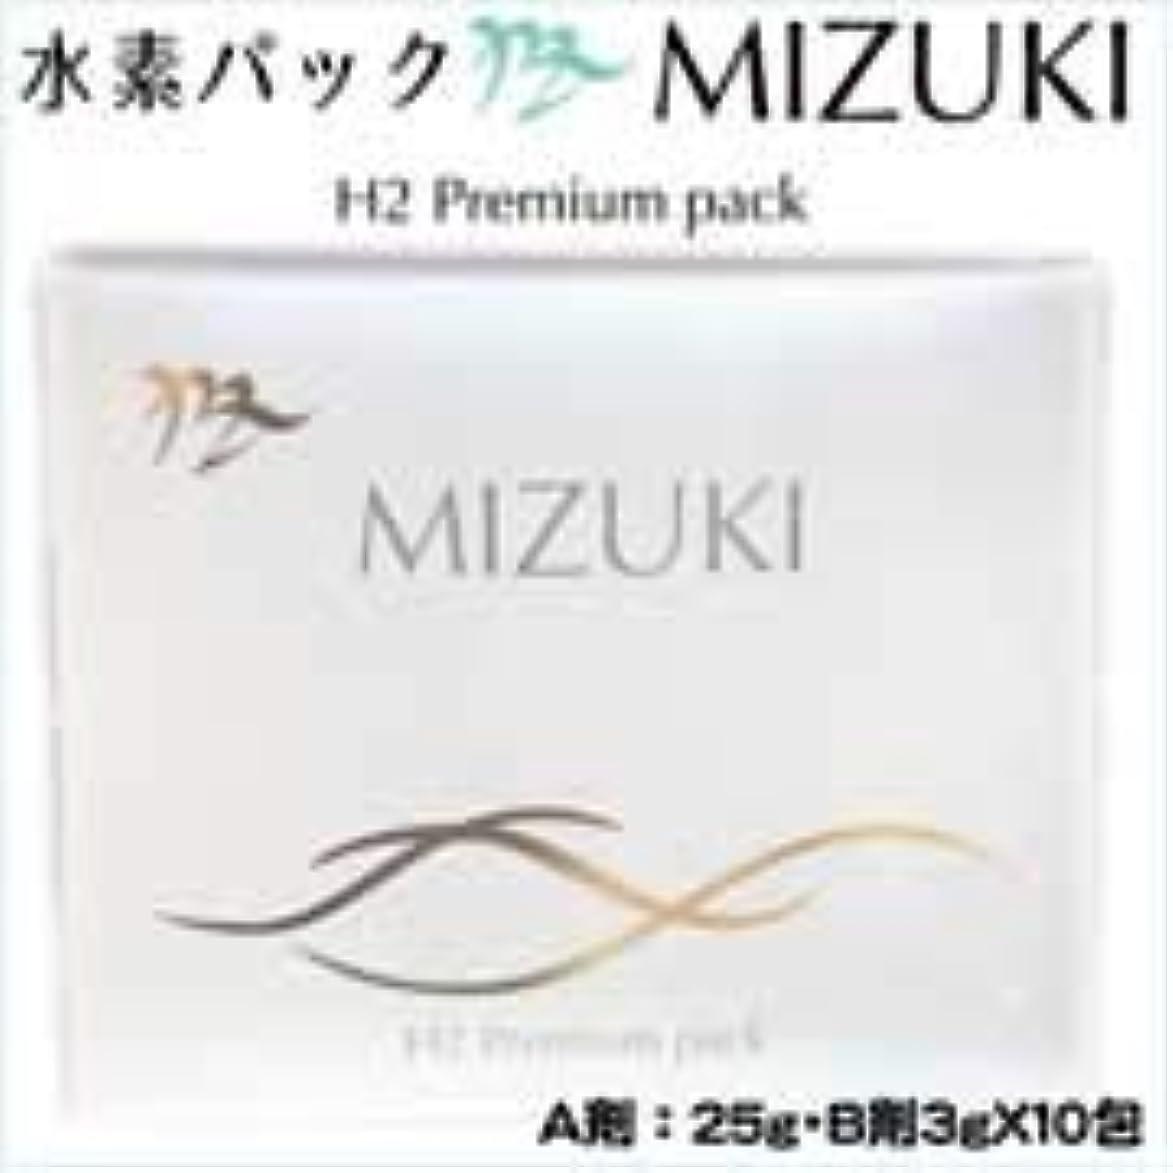 敬な難民飼いならすMIZUKI H2 Premium pack ミズキ プレミアムパック A剤:25g、B剤:3gX10包 スパチュラ付き